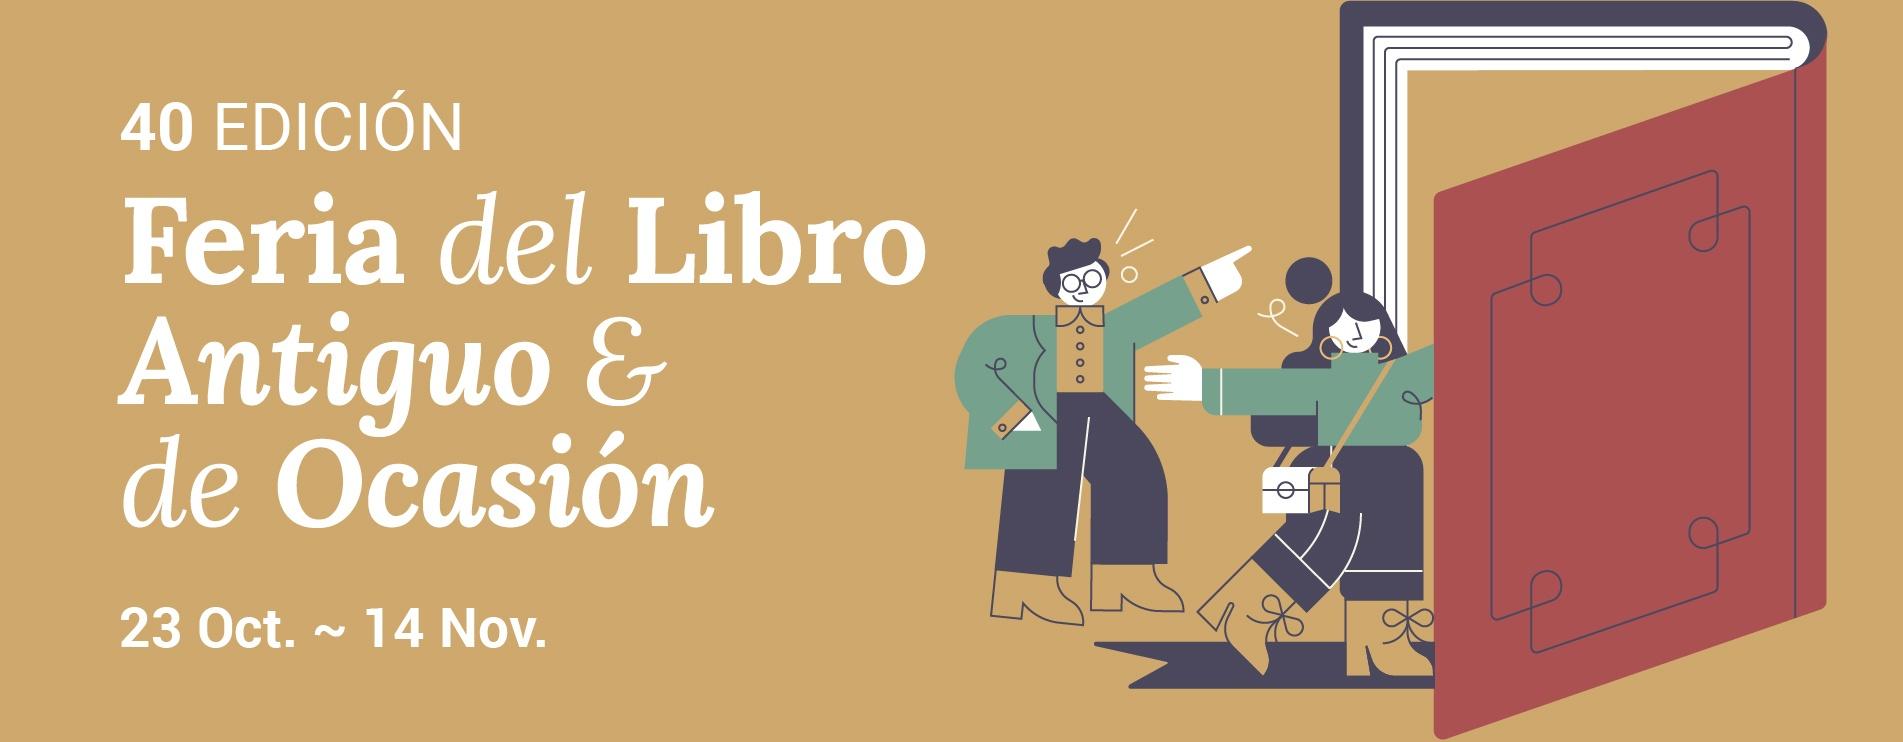 40 Feria del libro antiguo y de ocasión